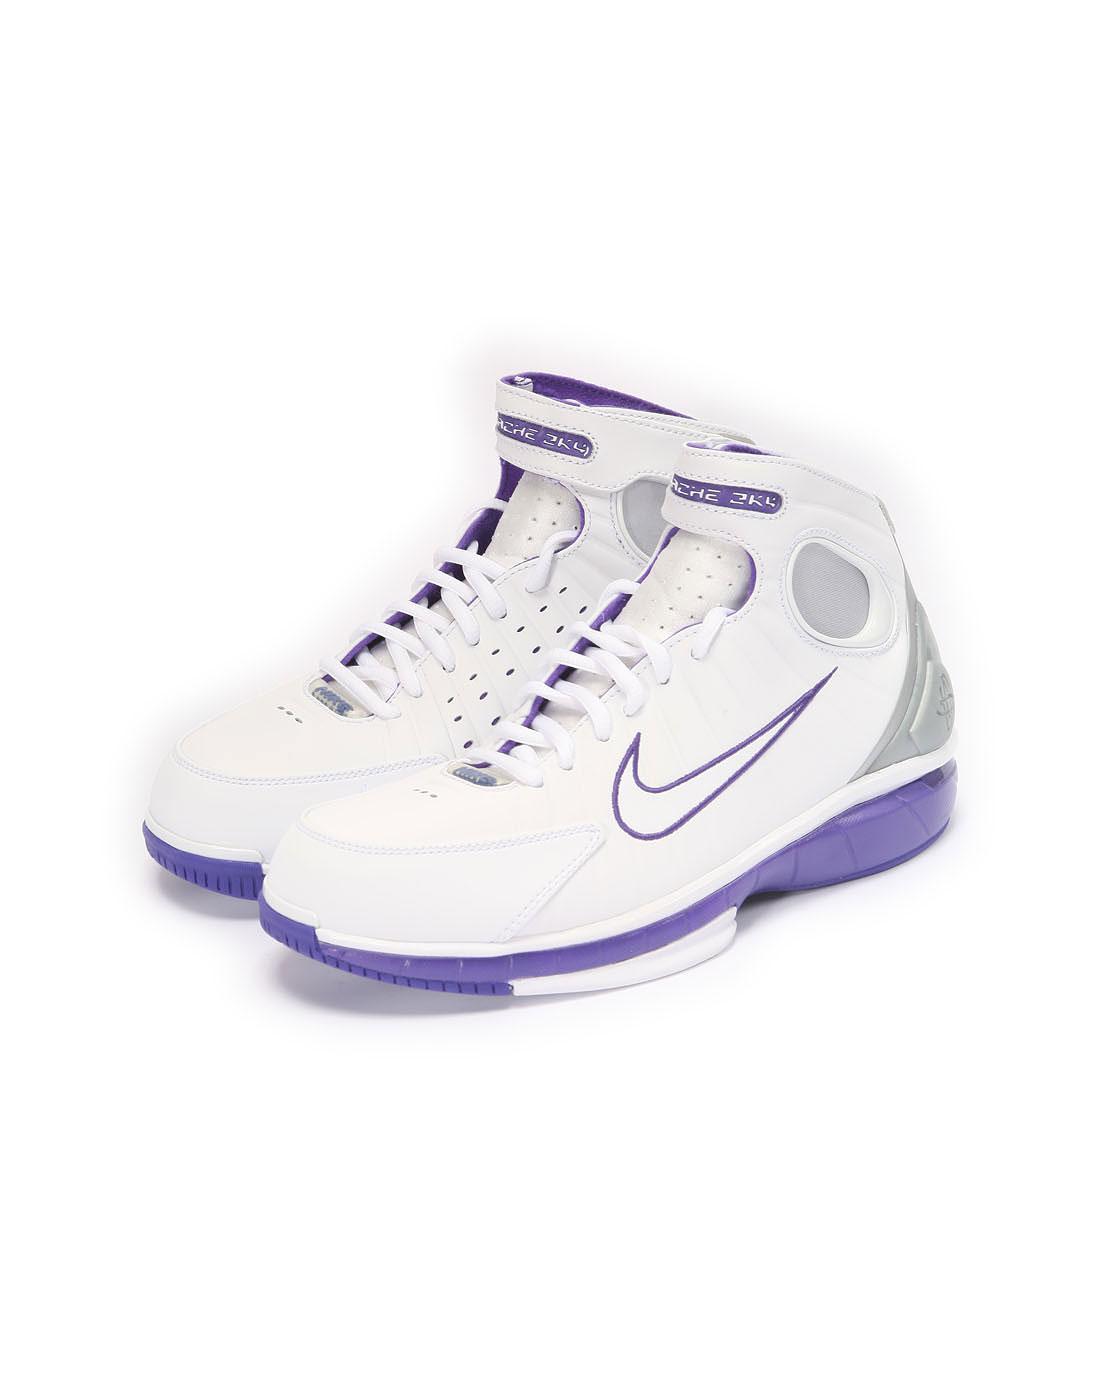 耐克nike男子白色篮球鞋511425-115